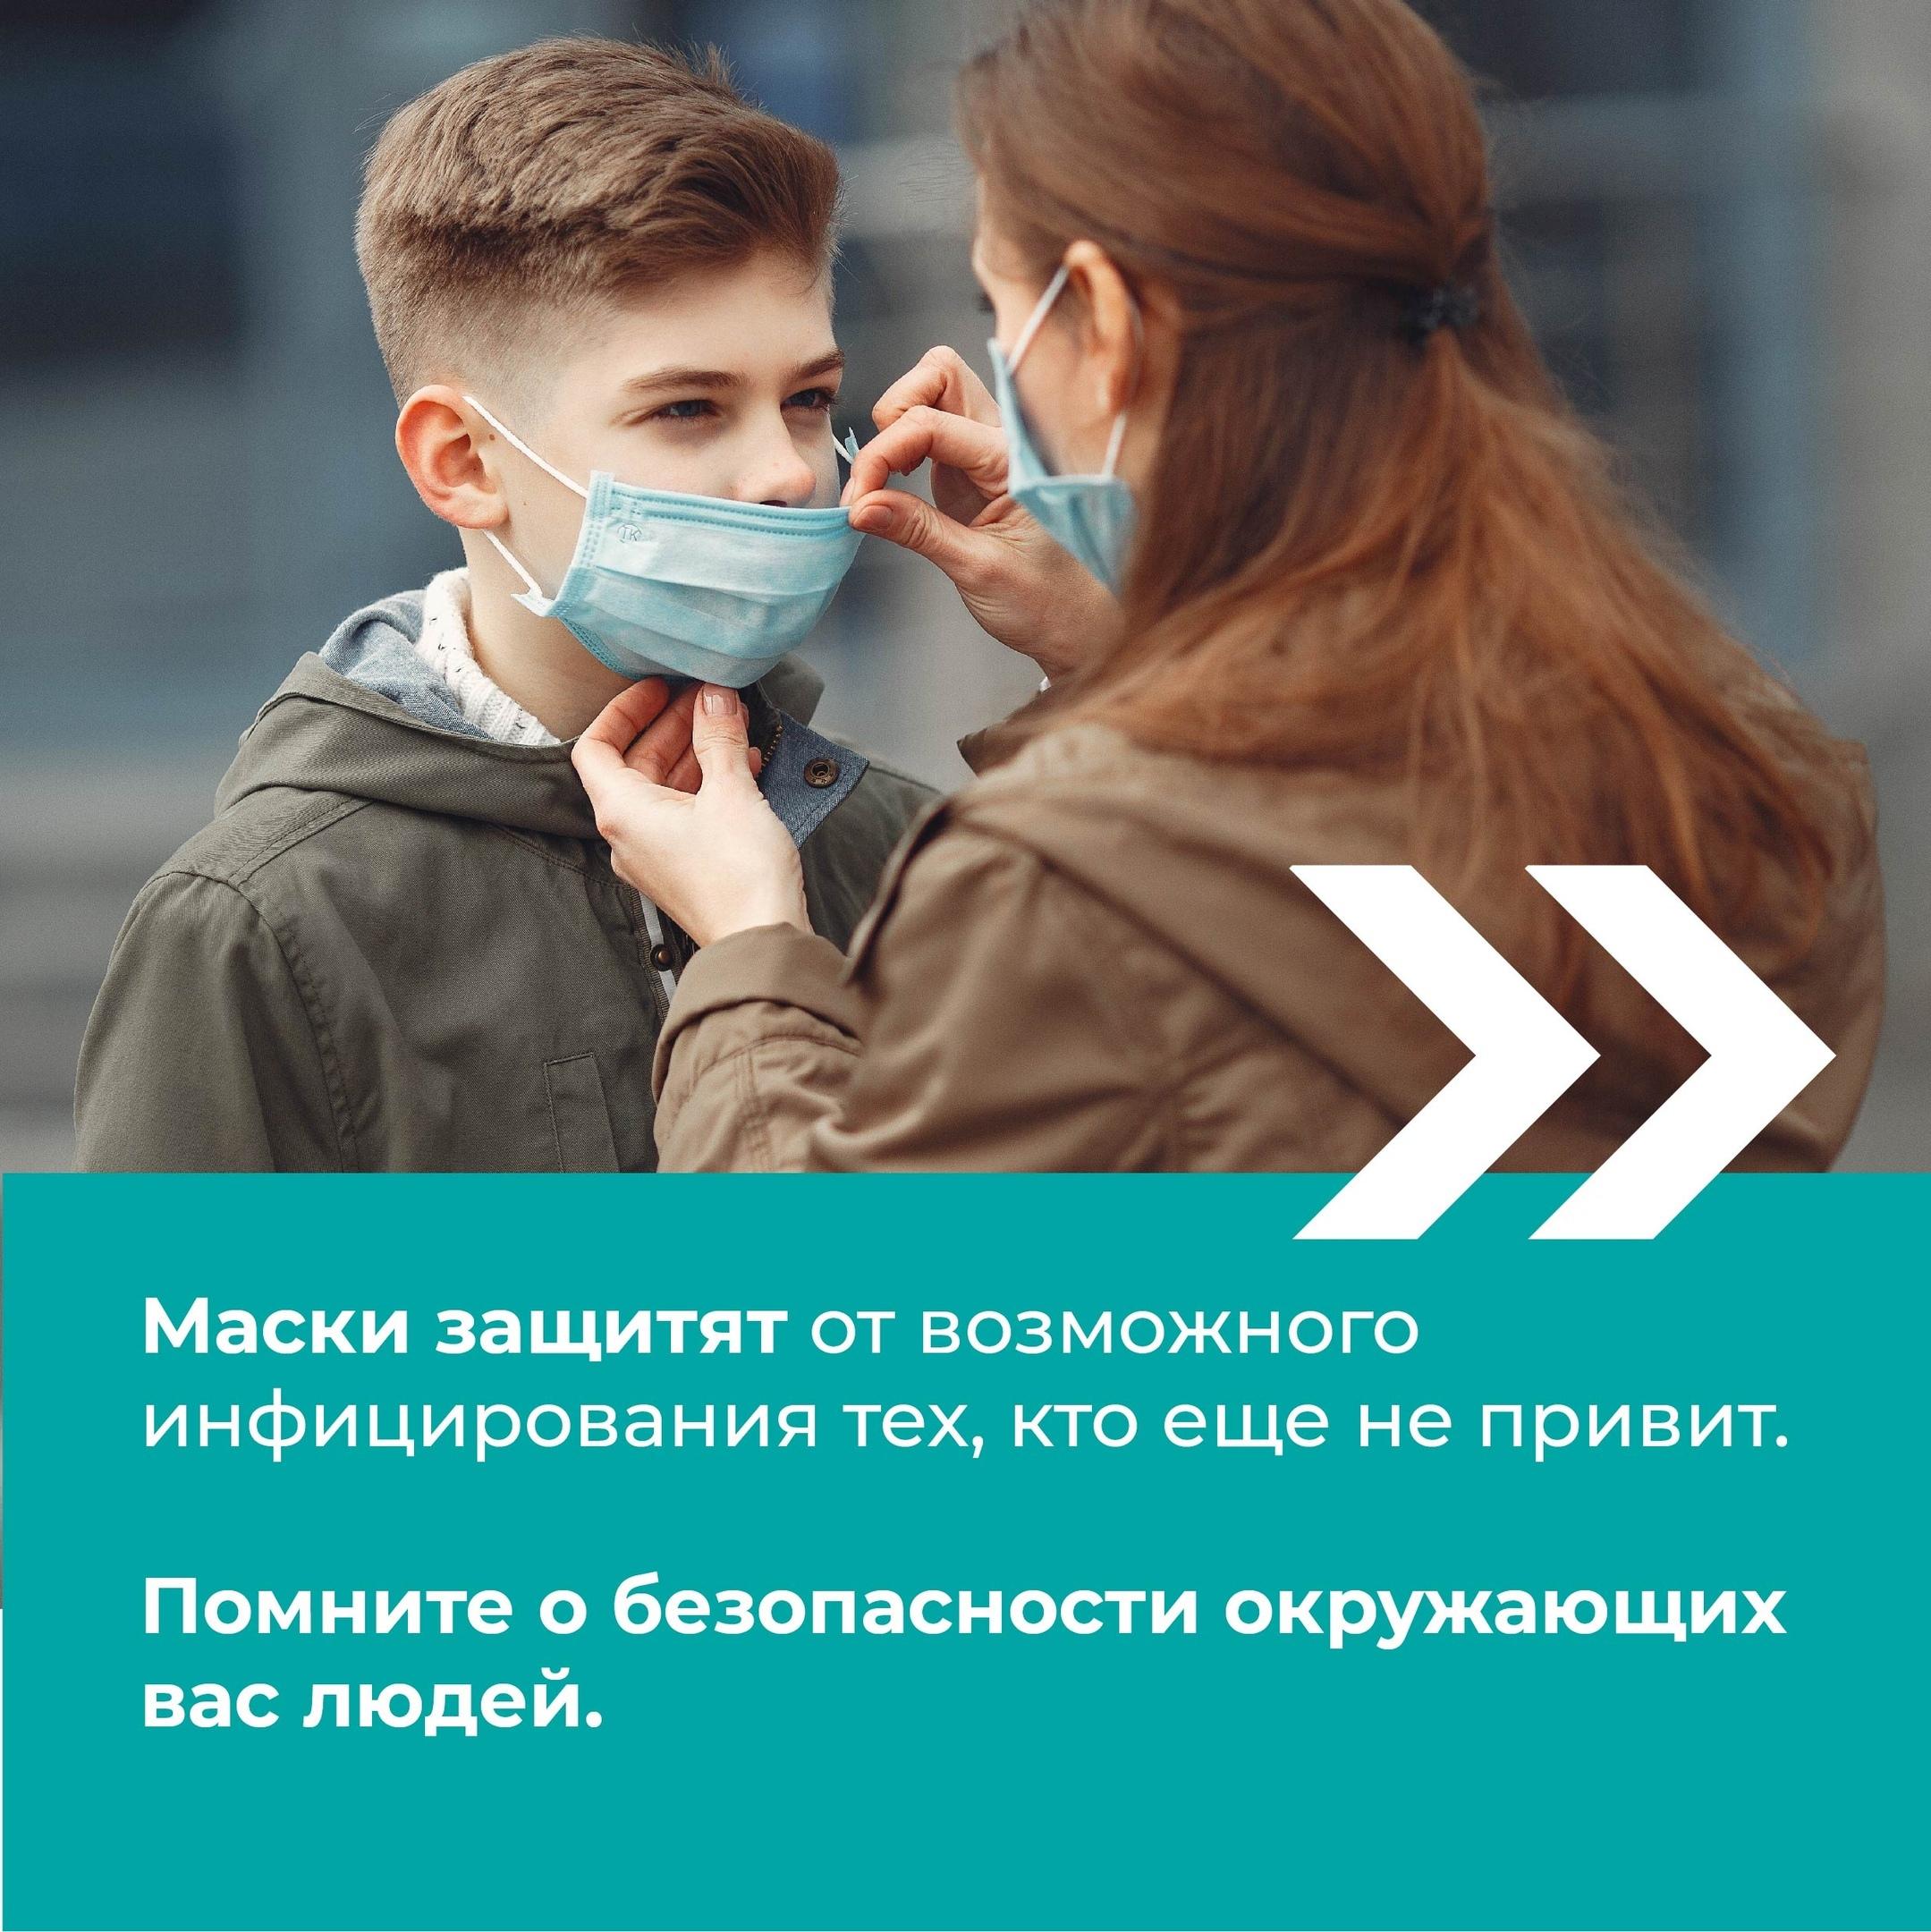 Даже если вы уже переболели коронавирусной инфекцией